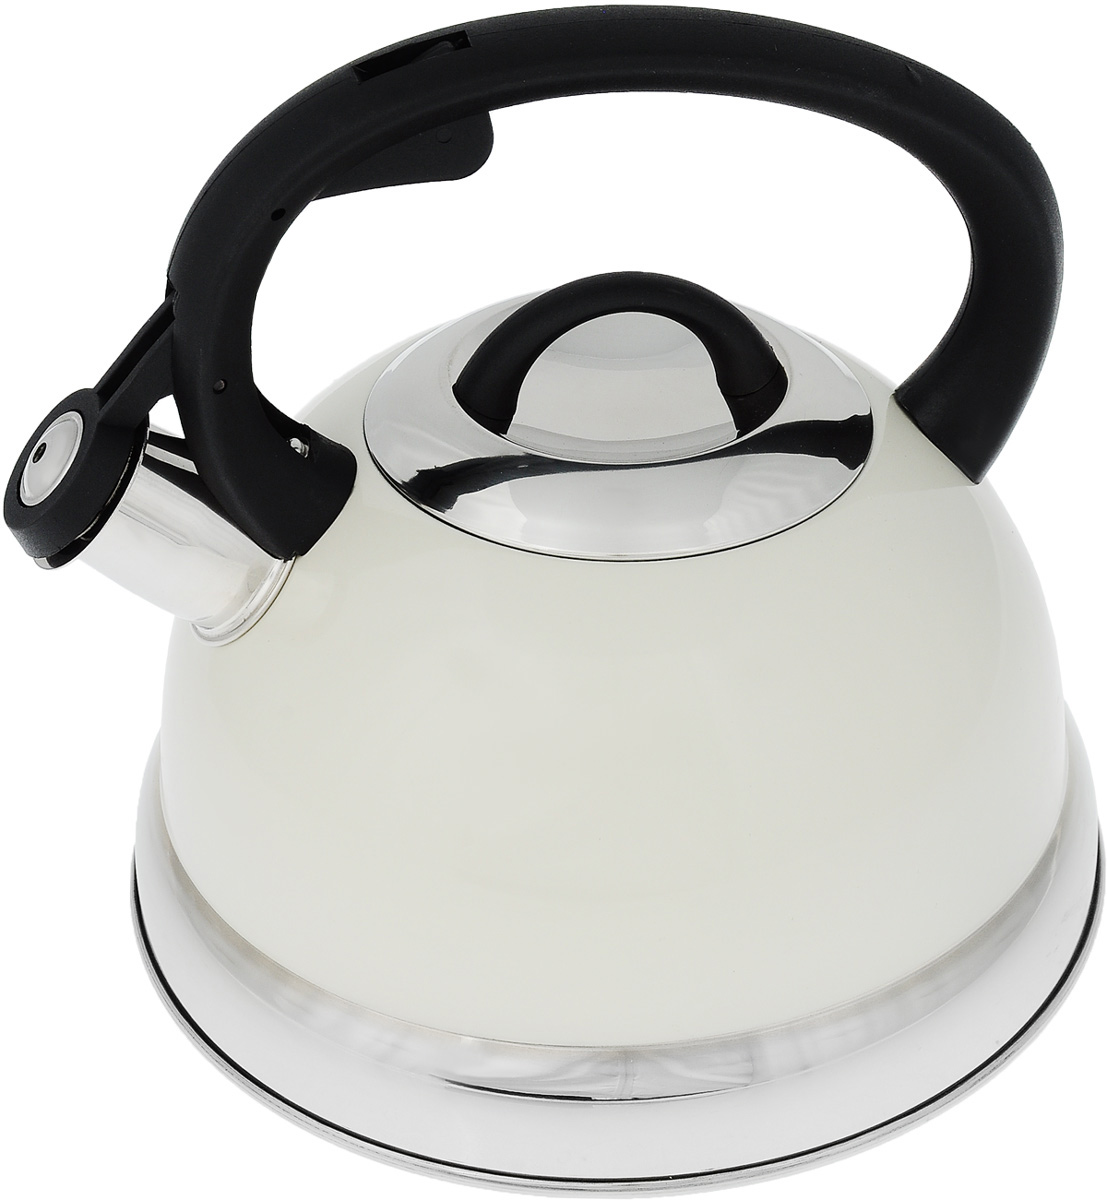 Чайник Mayer & Boch, со свистком, цвет: белый, черный, серебристый, 2,6 л. 2929Чайник Mayer & Boch выполнен из высококачественной нержавеющей стали, что делает его весьма гигиеничным и устойчивым к износу при длительном использовании. Носик чайника оснащен насадкой-свистком, что позволит вам контролировать процесс подогрева или кипячения воды. Фиксированная ручка, изготовленная из пластика, делает использование чайника очень удобным и безопасным. Поверхность чайника гладкая, что облегчает уход за ним. Эстетичный и функциональный чайник будет оригинально смотреться в любом интерьере.Подходит для всех типов плит, включая индукционные. Можно мыть в посудомоечной машине.Высота чайника (с учетом ручки и крышки): 20,5 см.Диаметр чайника (по верхнему краю): 10,5 см.Диаметр основания: 21 см.Диаметр индукционного диска: 14,5 см.